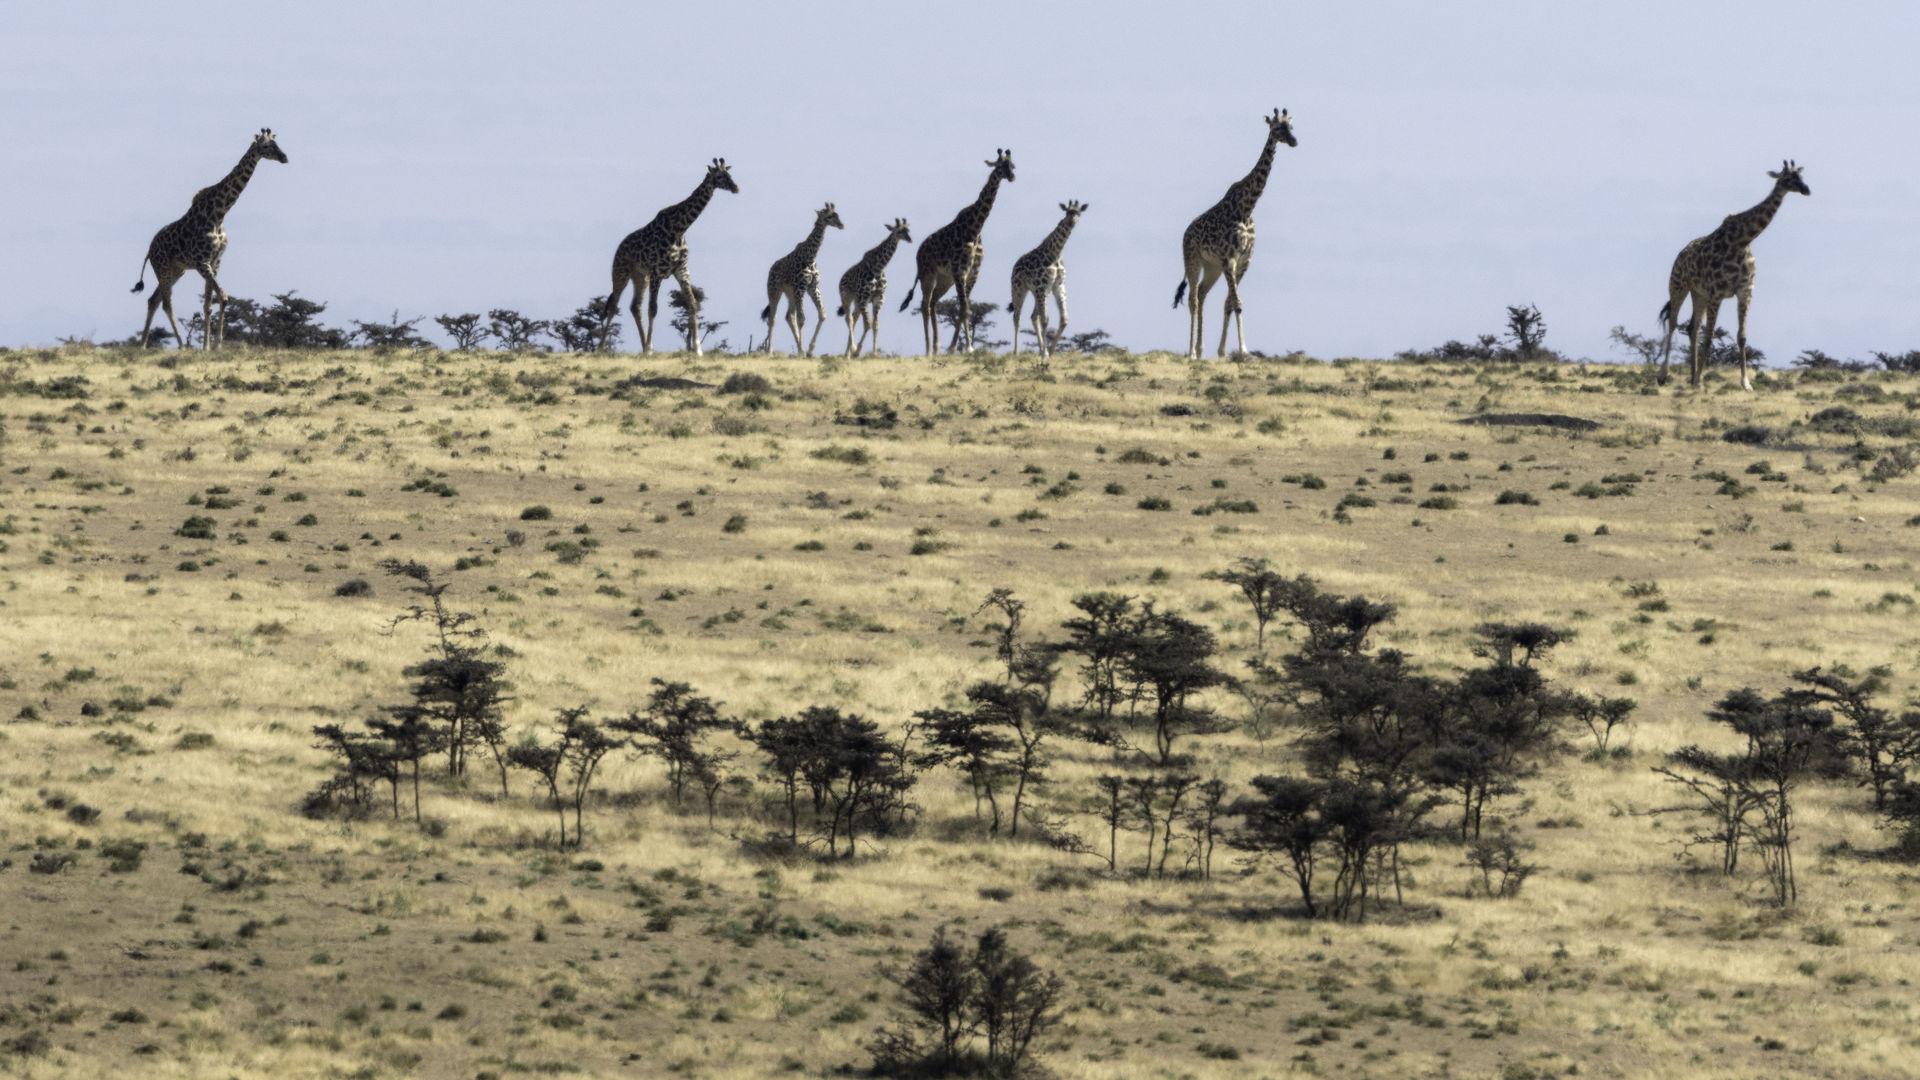 Serengeti vakantie - 10 dagen Serengeti reis | Matoke Tours